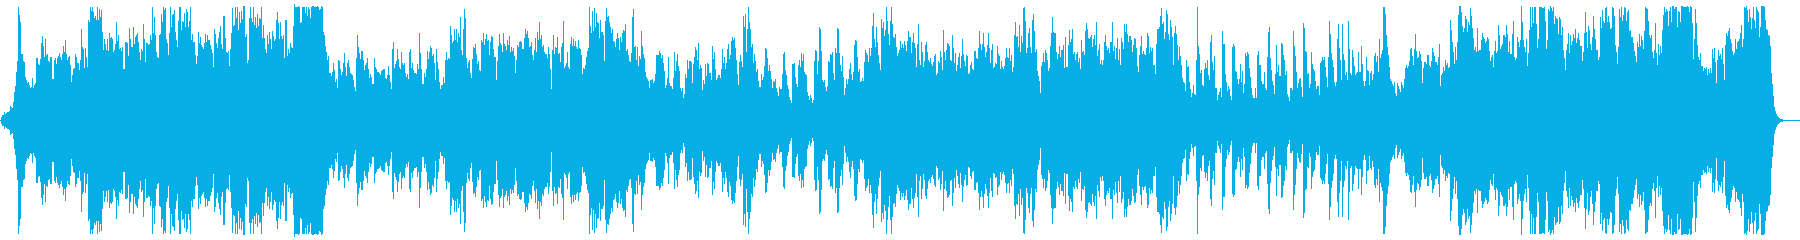 ハリウッド風ファンファーレとマーチx1の再生済みの波形